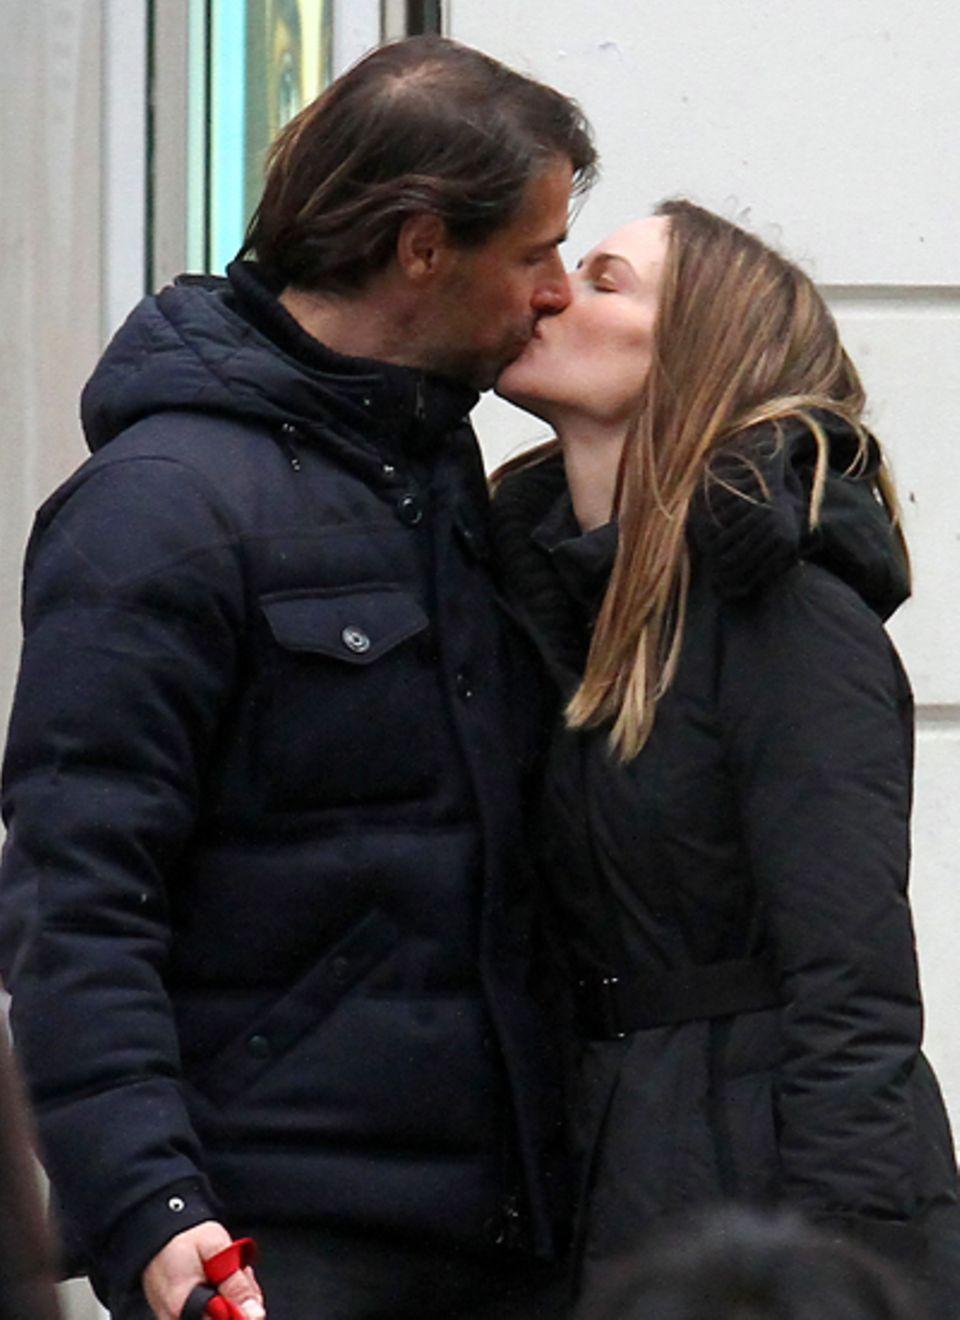 Neue Liebe in Frankreich: Schauspielerin Hilary Swank zeigt sich mit ihrem Freund, dem Immobilienmakler Laurent Fleury, in Paris